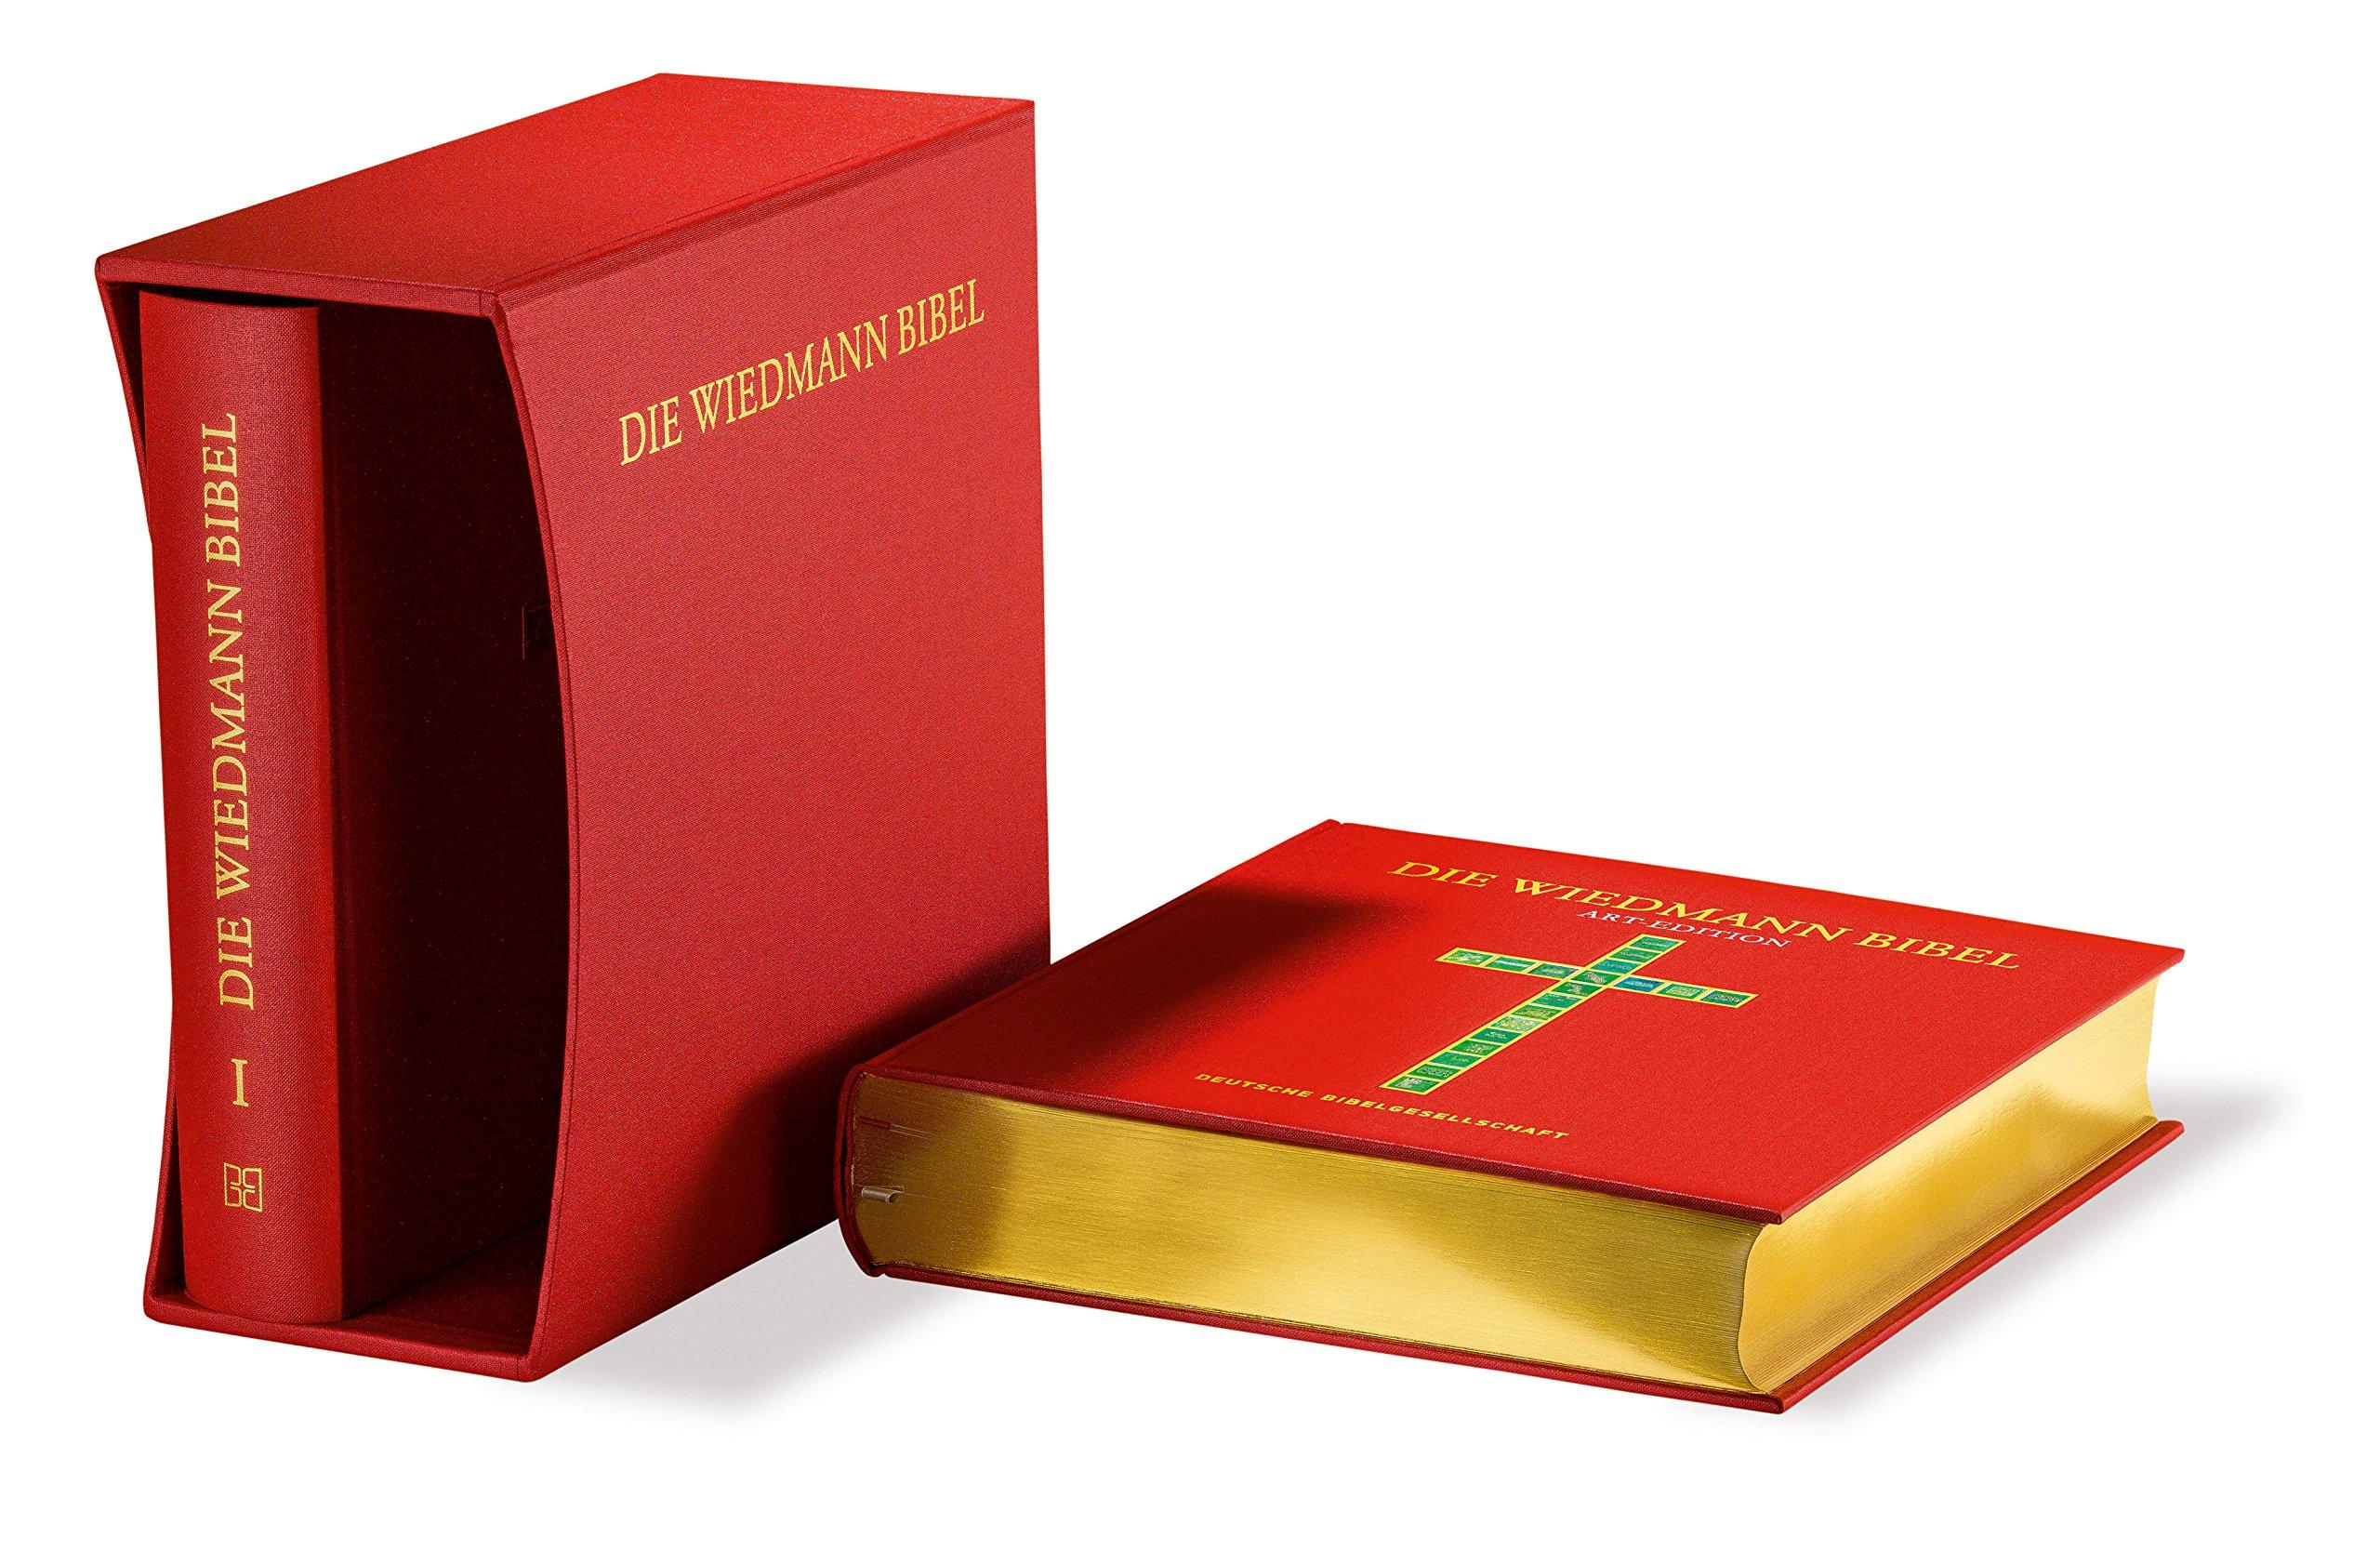 Die Wiedmann Bibel - Art-Edition: Zwei Bände im Schmuckschuber mit Bildern von Willy Wiedmann und Texten der Lutherbibel 2017 sowie ein Ergänzungsband mit Informationen zum Künstler und zu seinem Werk